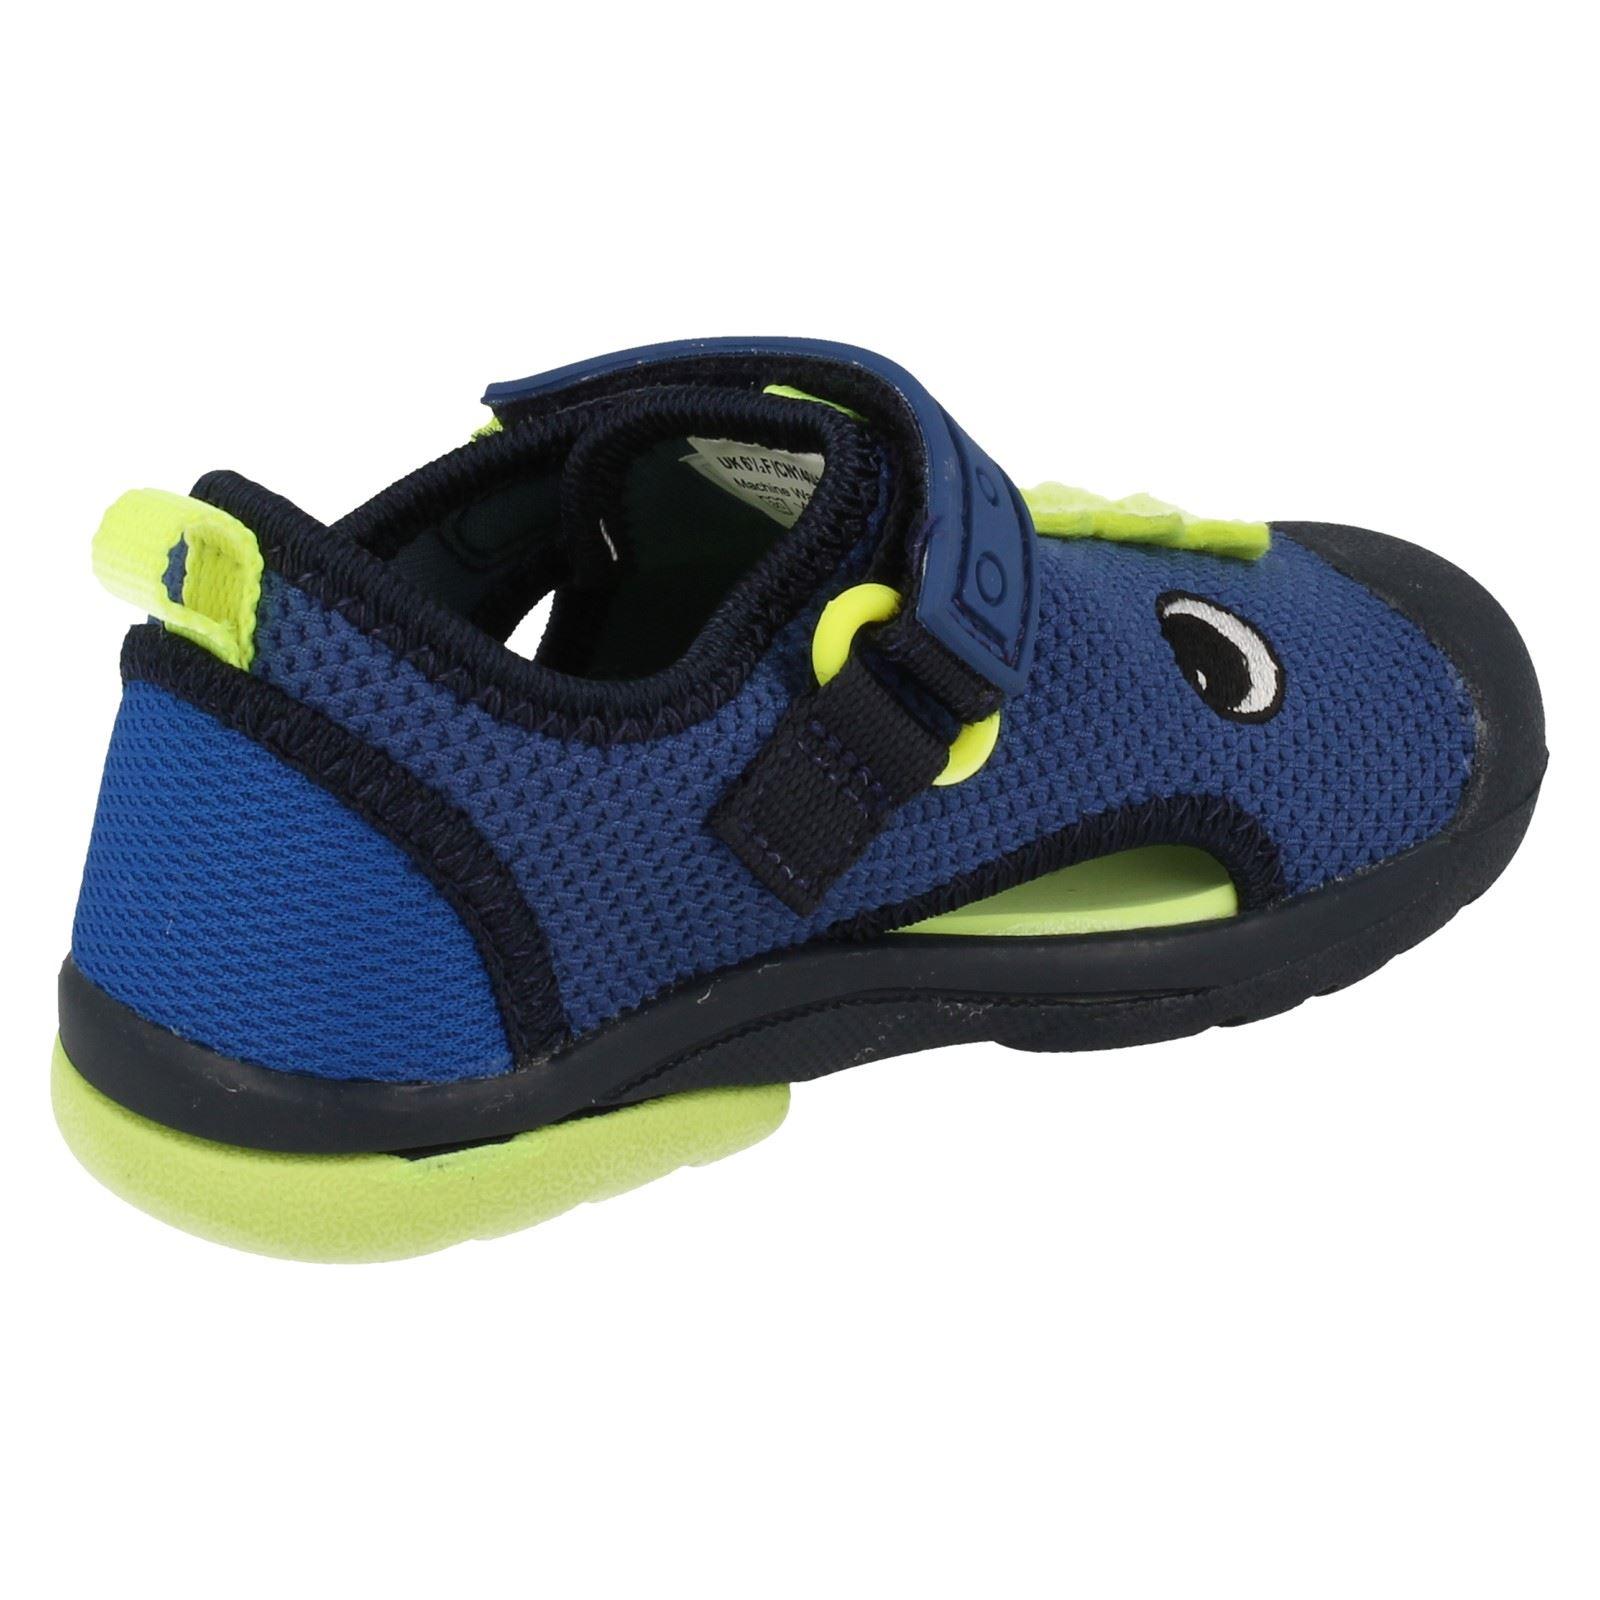 983b68e49b9c Clarks-Boys-Beach-Shoes-Beach-Curl thumbnail 4